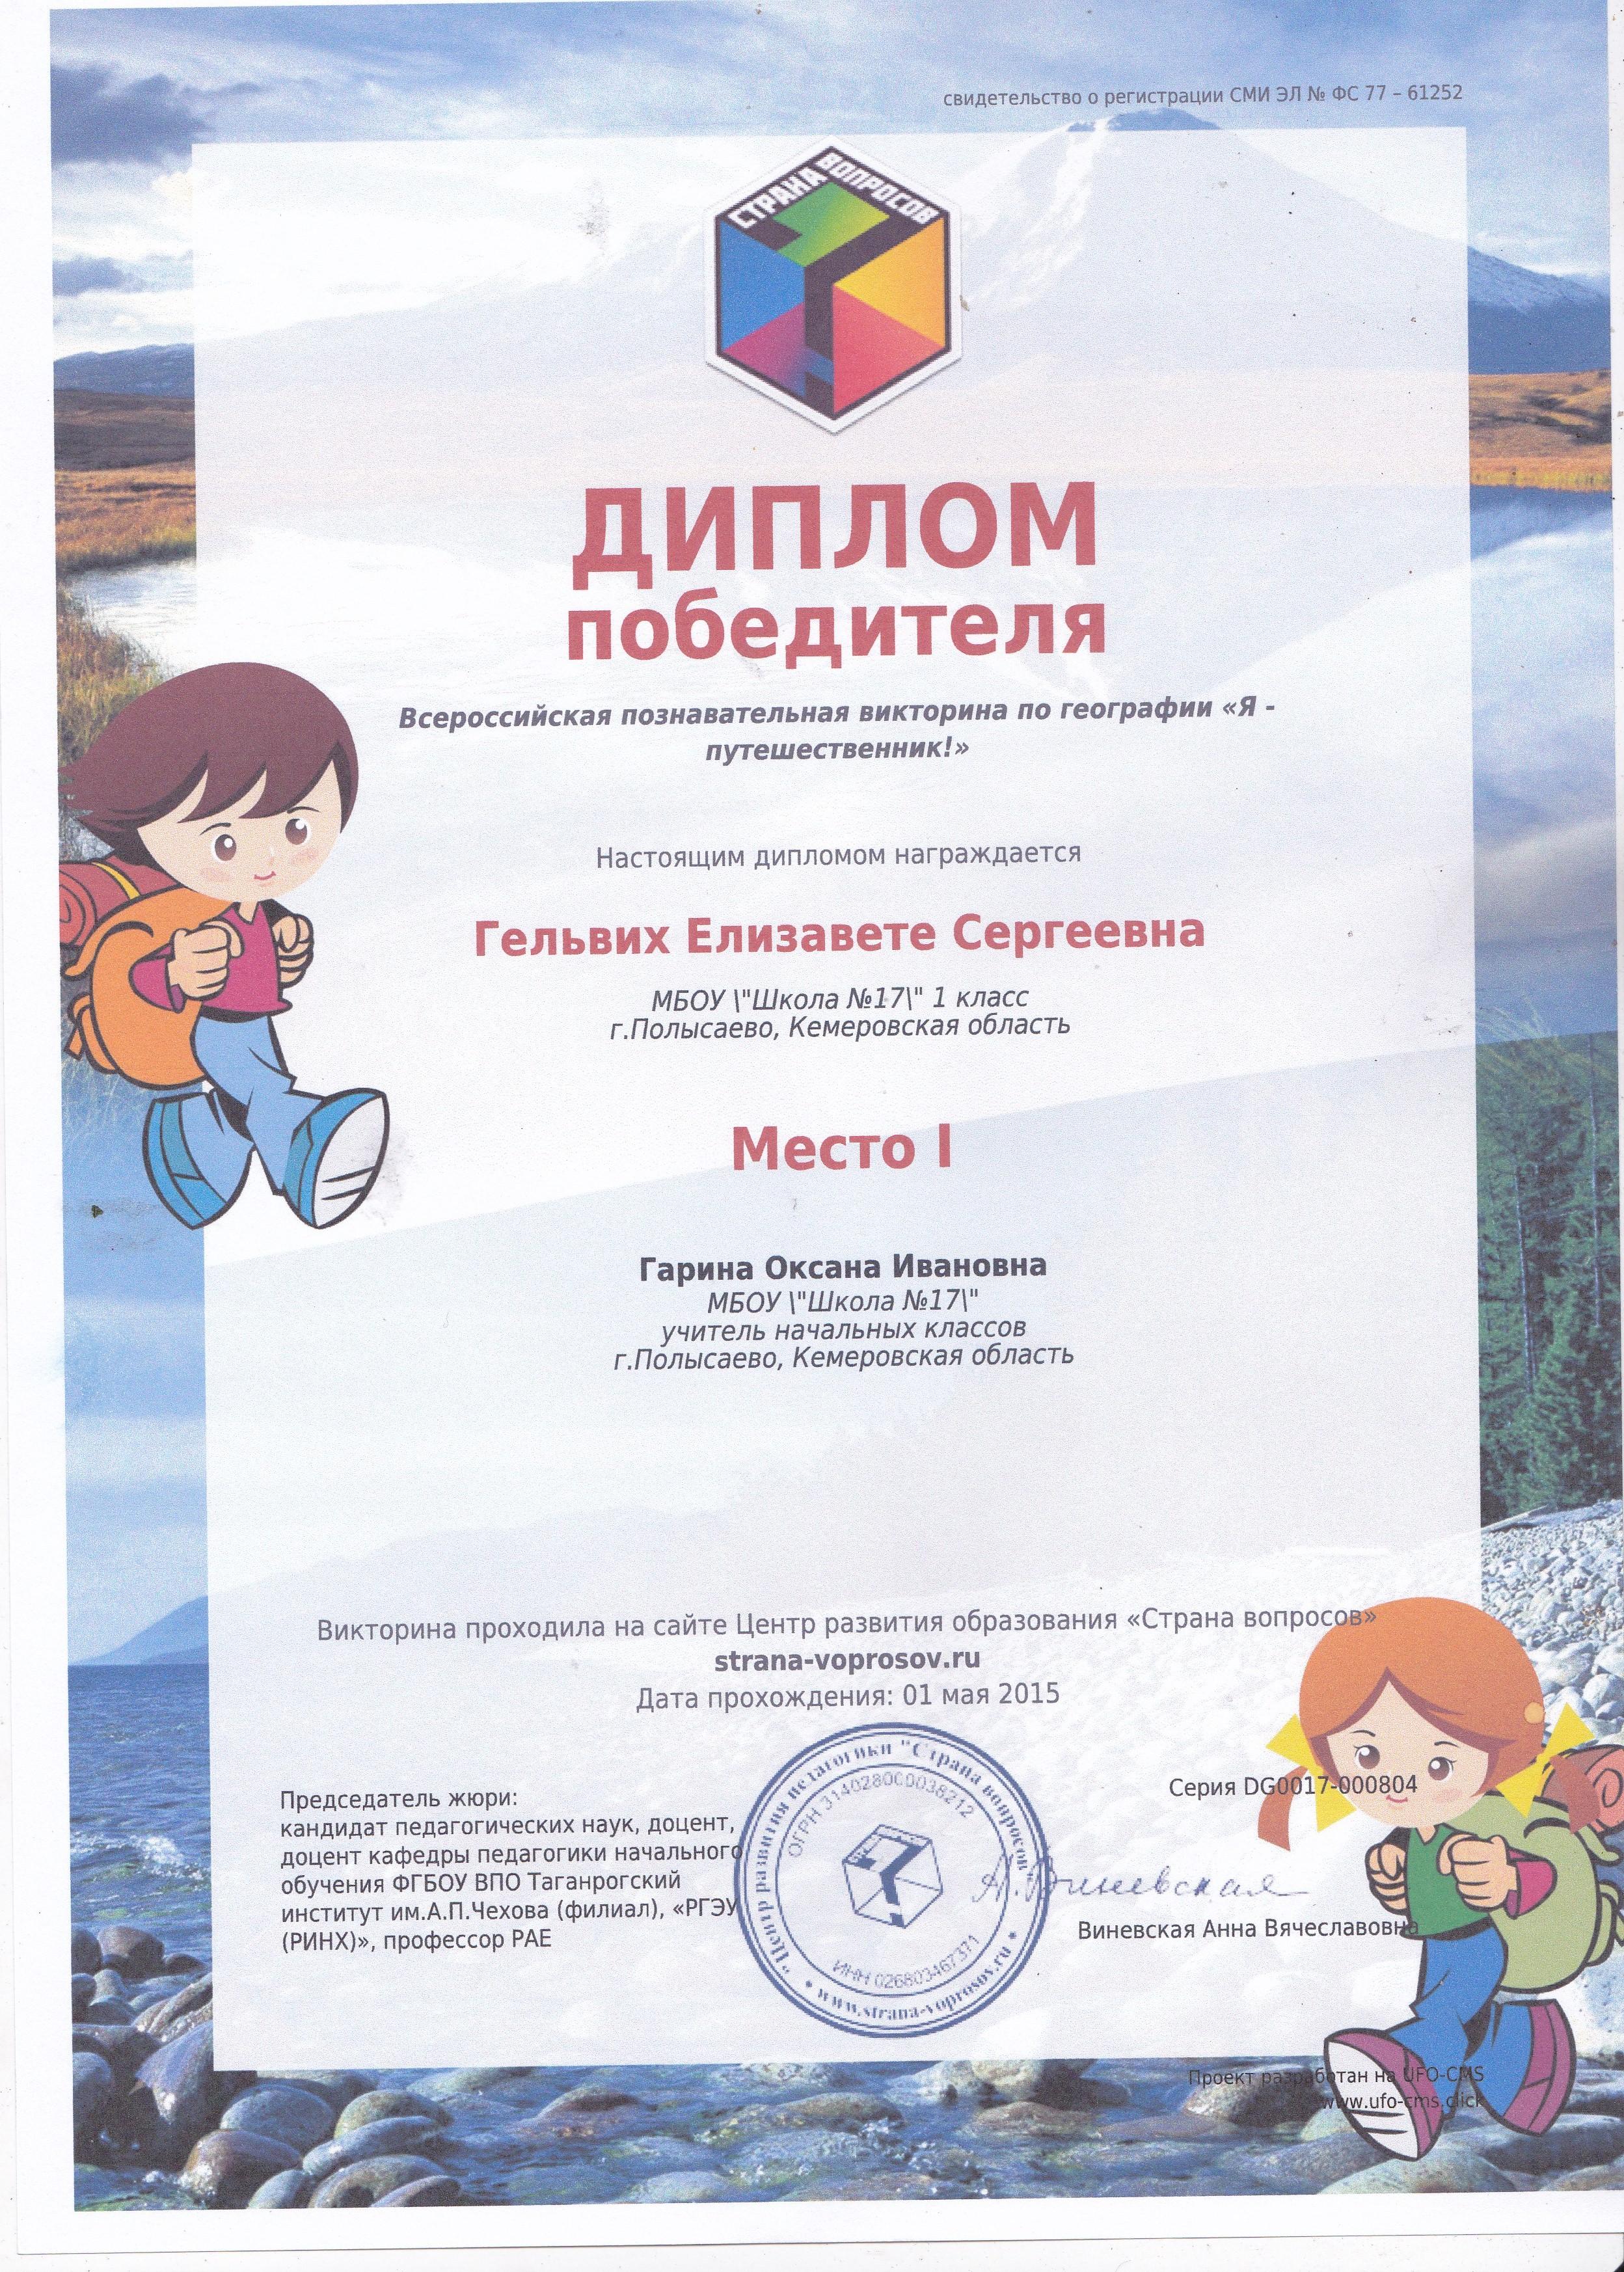 Персональный сайт Достижения учащихся Диплом победителя ii открытой Московской онлайн олимпиады по математике 2015